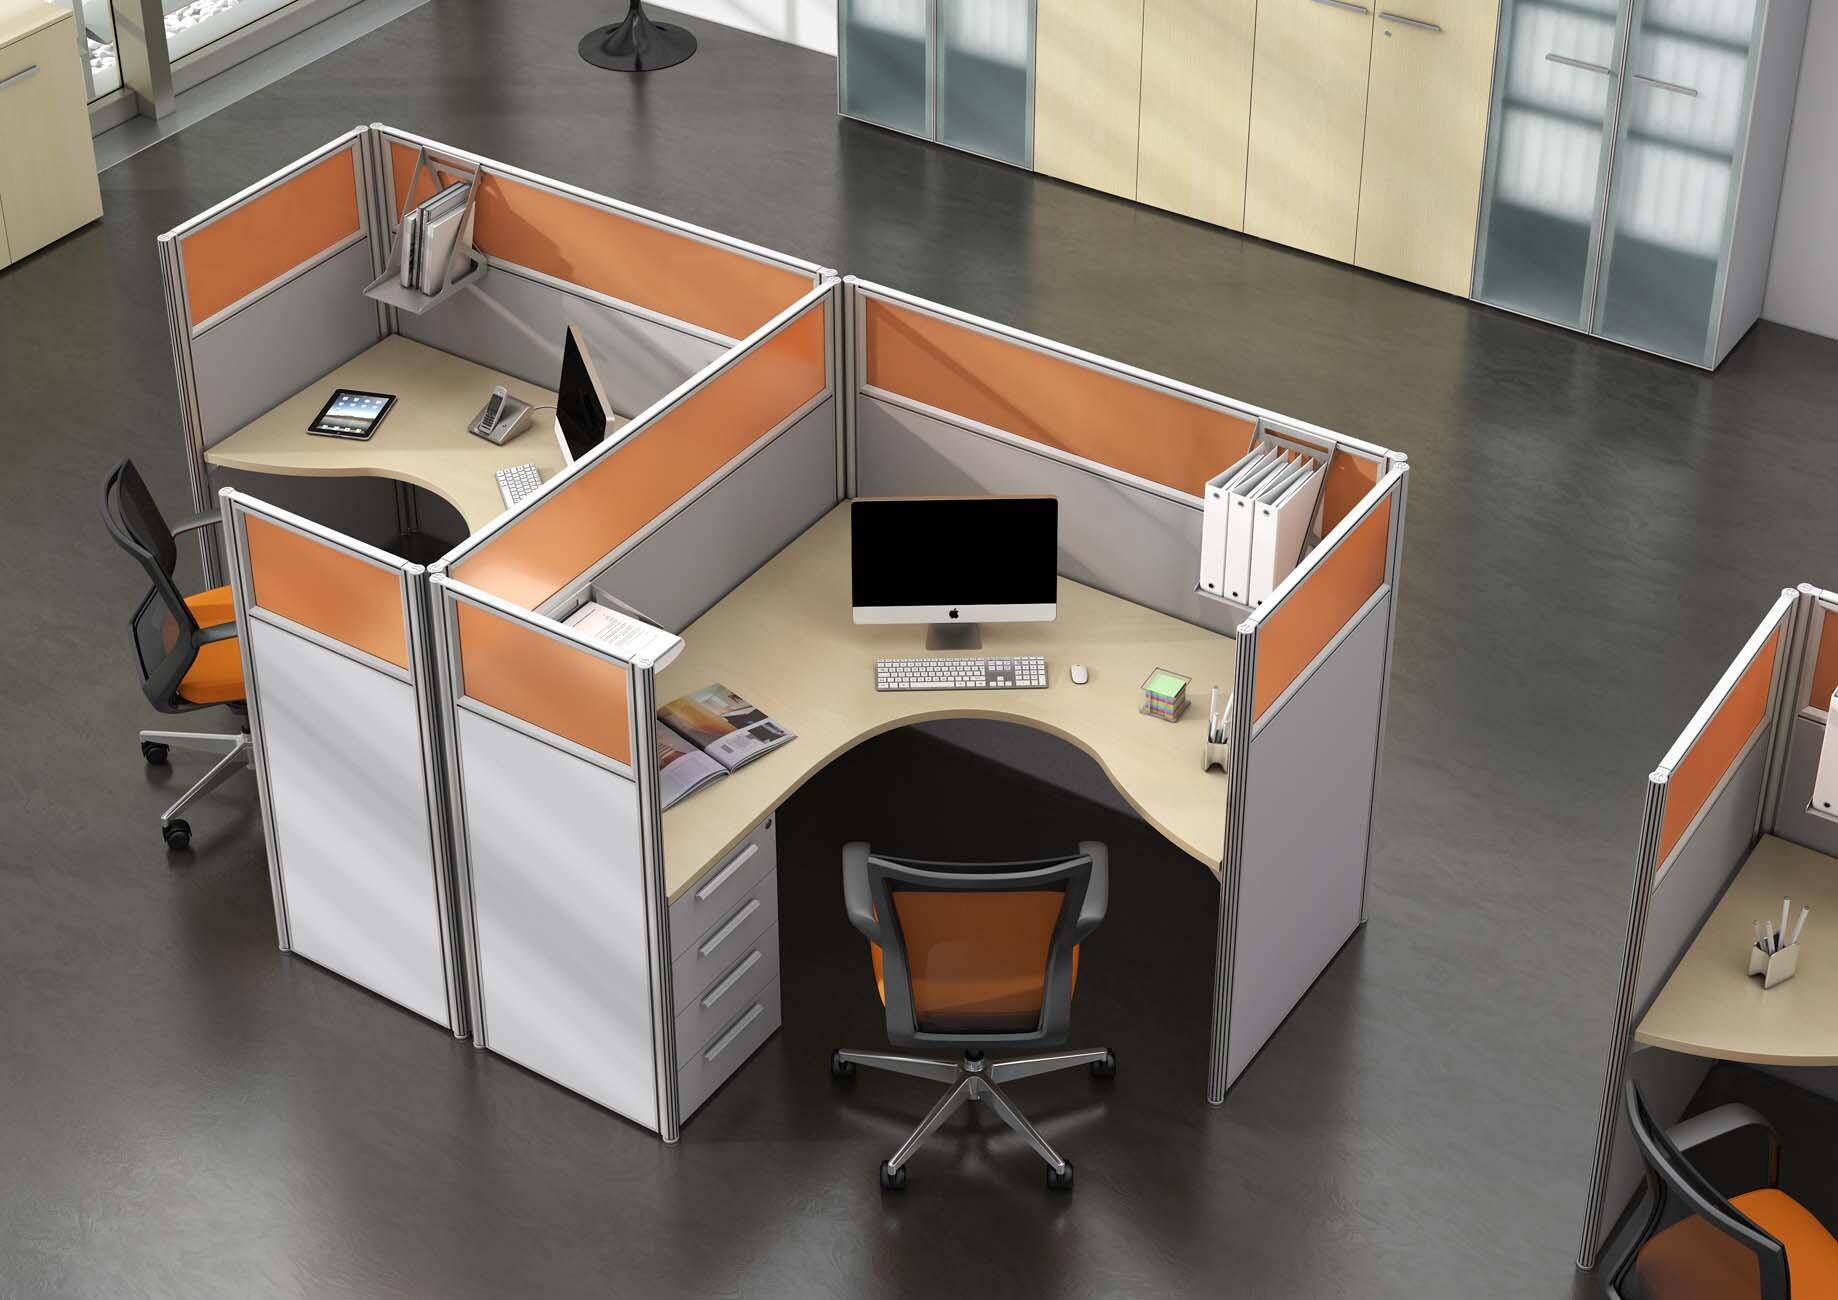 four-leaved-workstation-service-unit.jpg